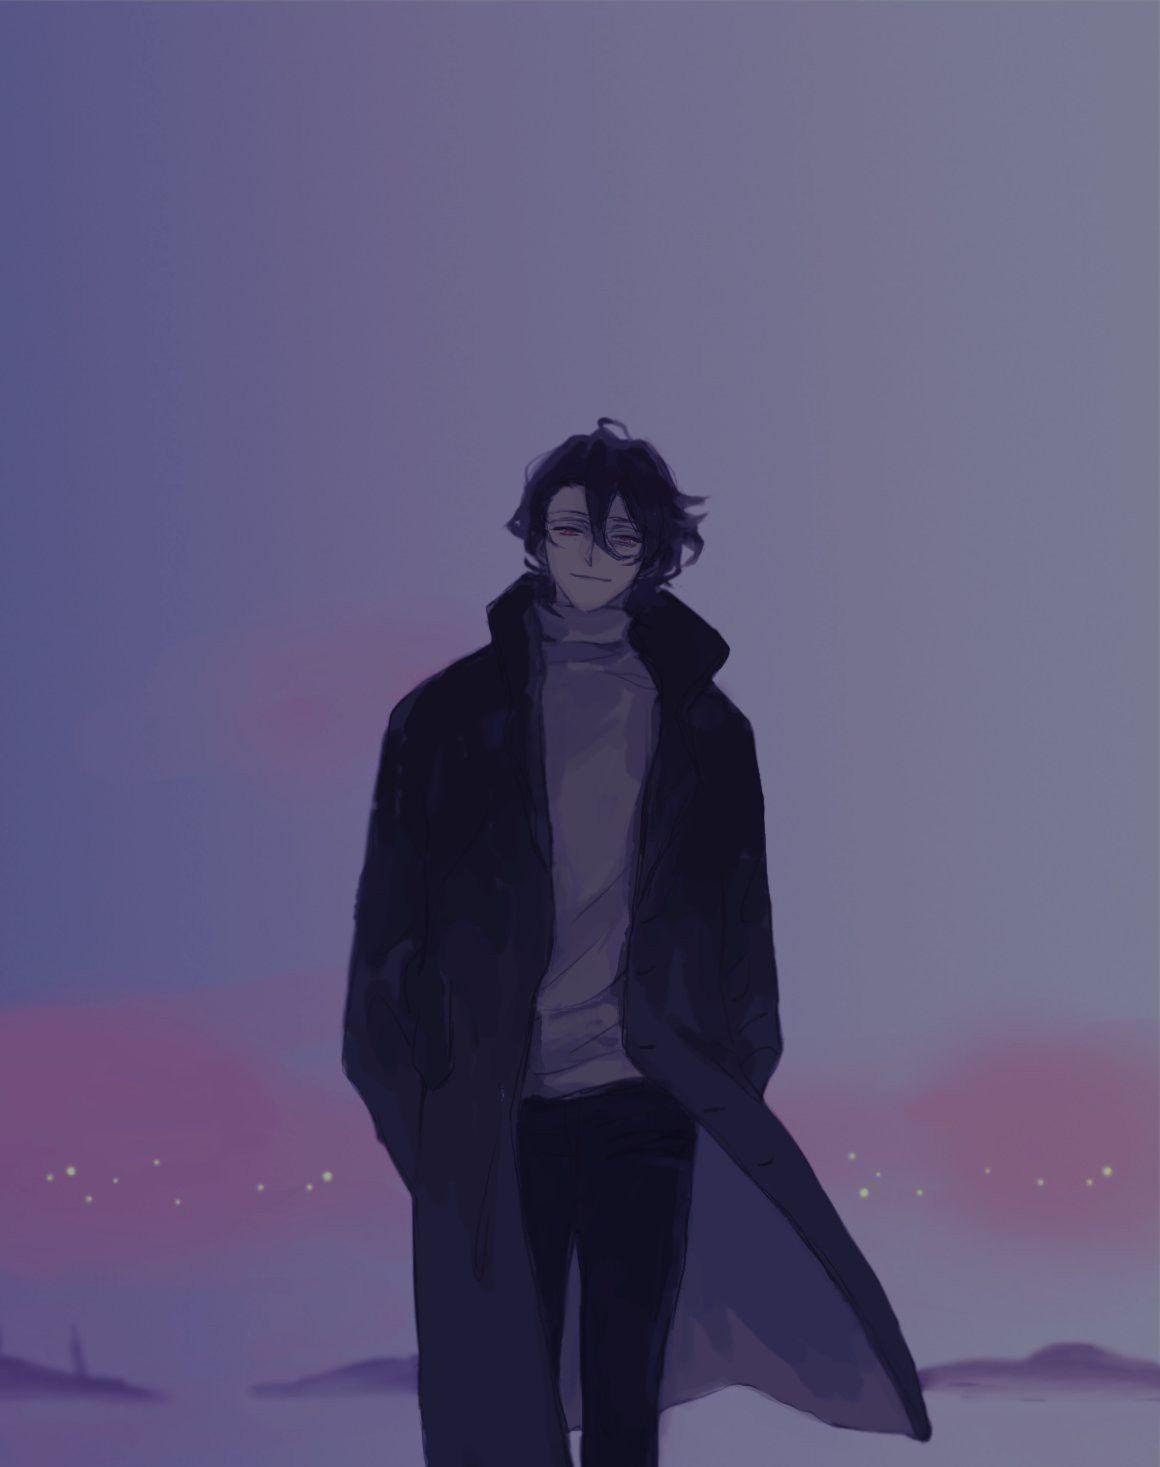 Leave Me And Go Anime Boy Anime Cute Anime Guys